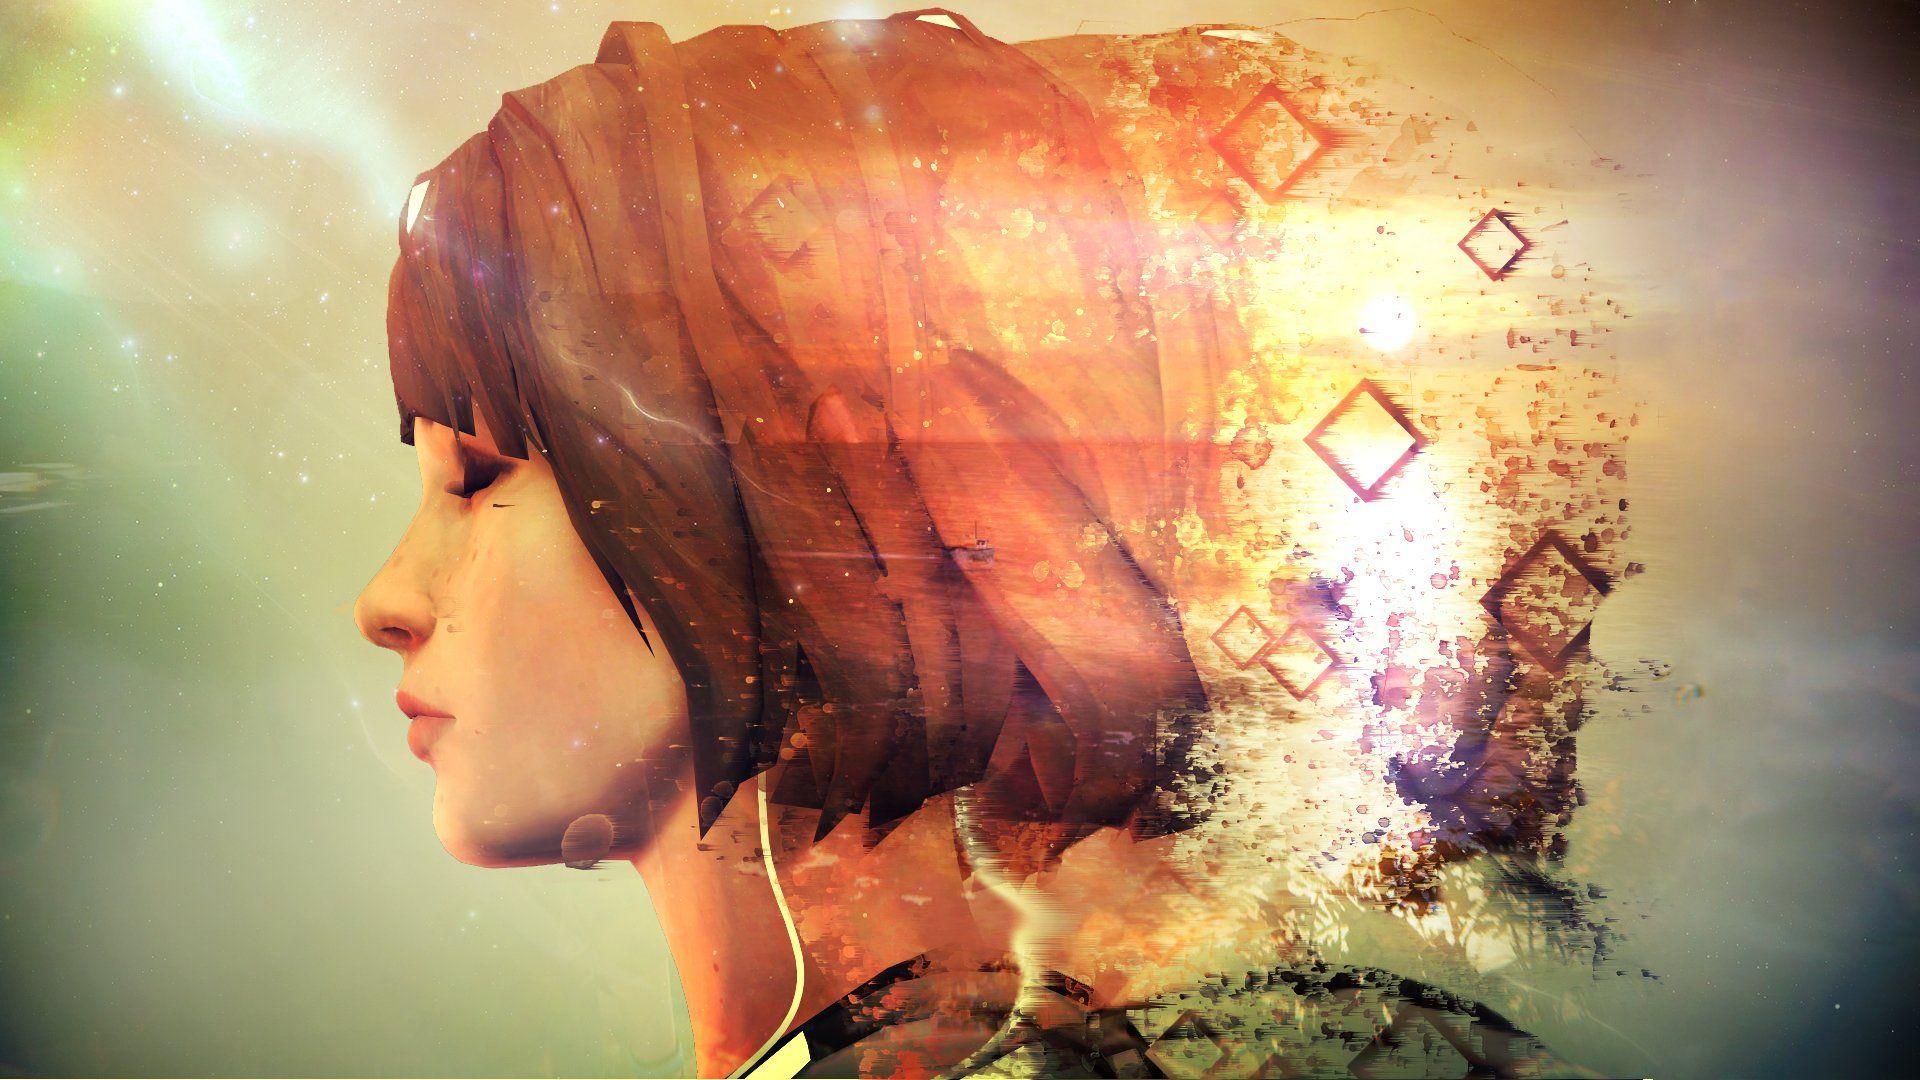 Thumb 1920 688636 Jpg 1920 1080 Life Is Strange Life Is Strange Wallpaper Life Is Strange 3